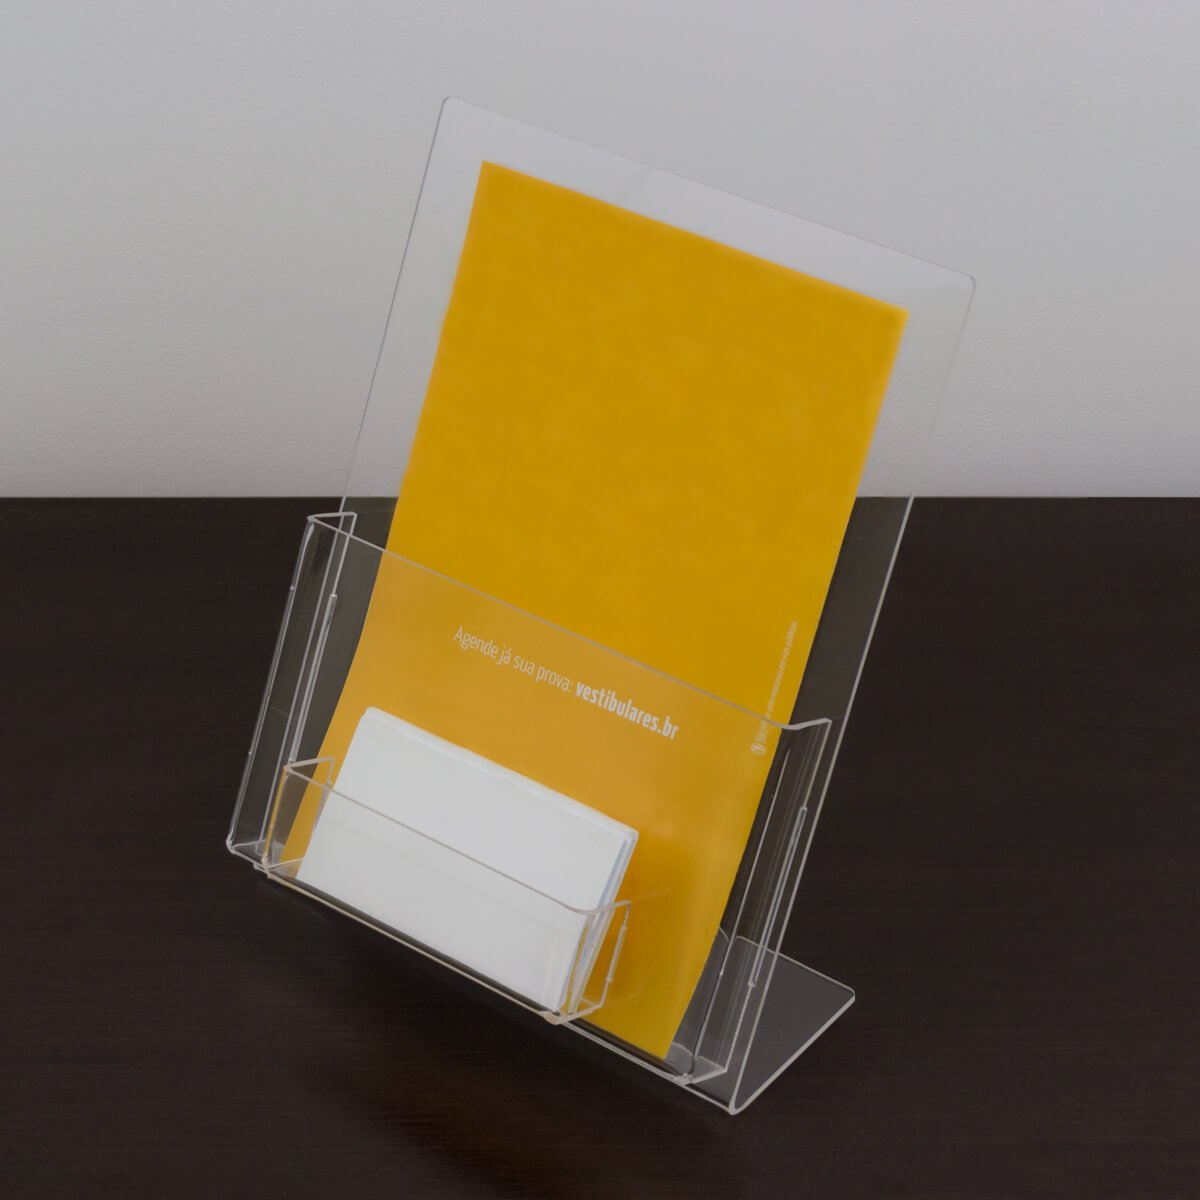 Porta panfletos a5 com porta cartão de visita